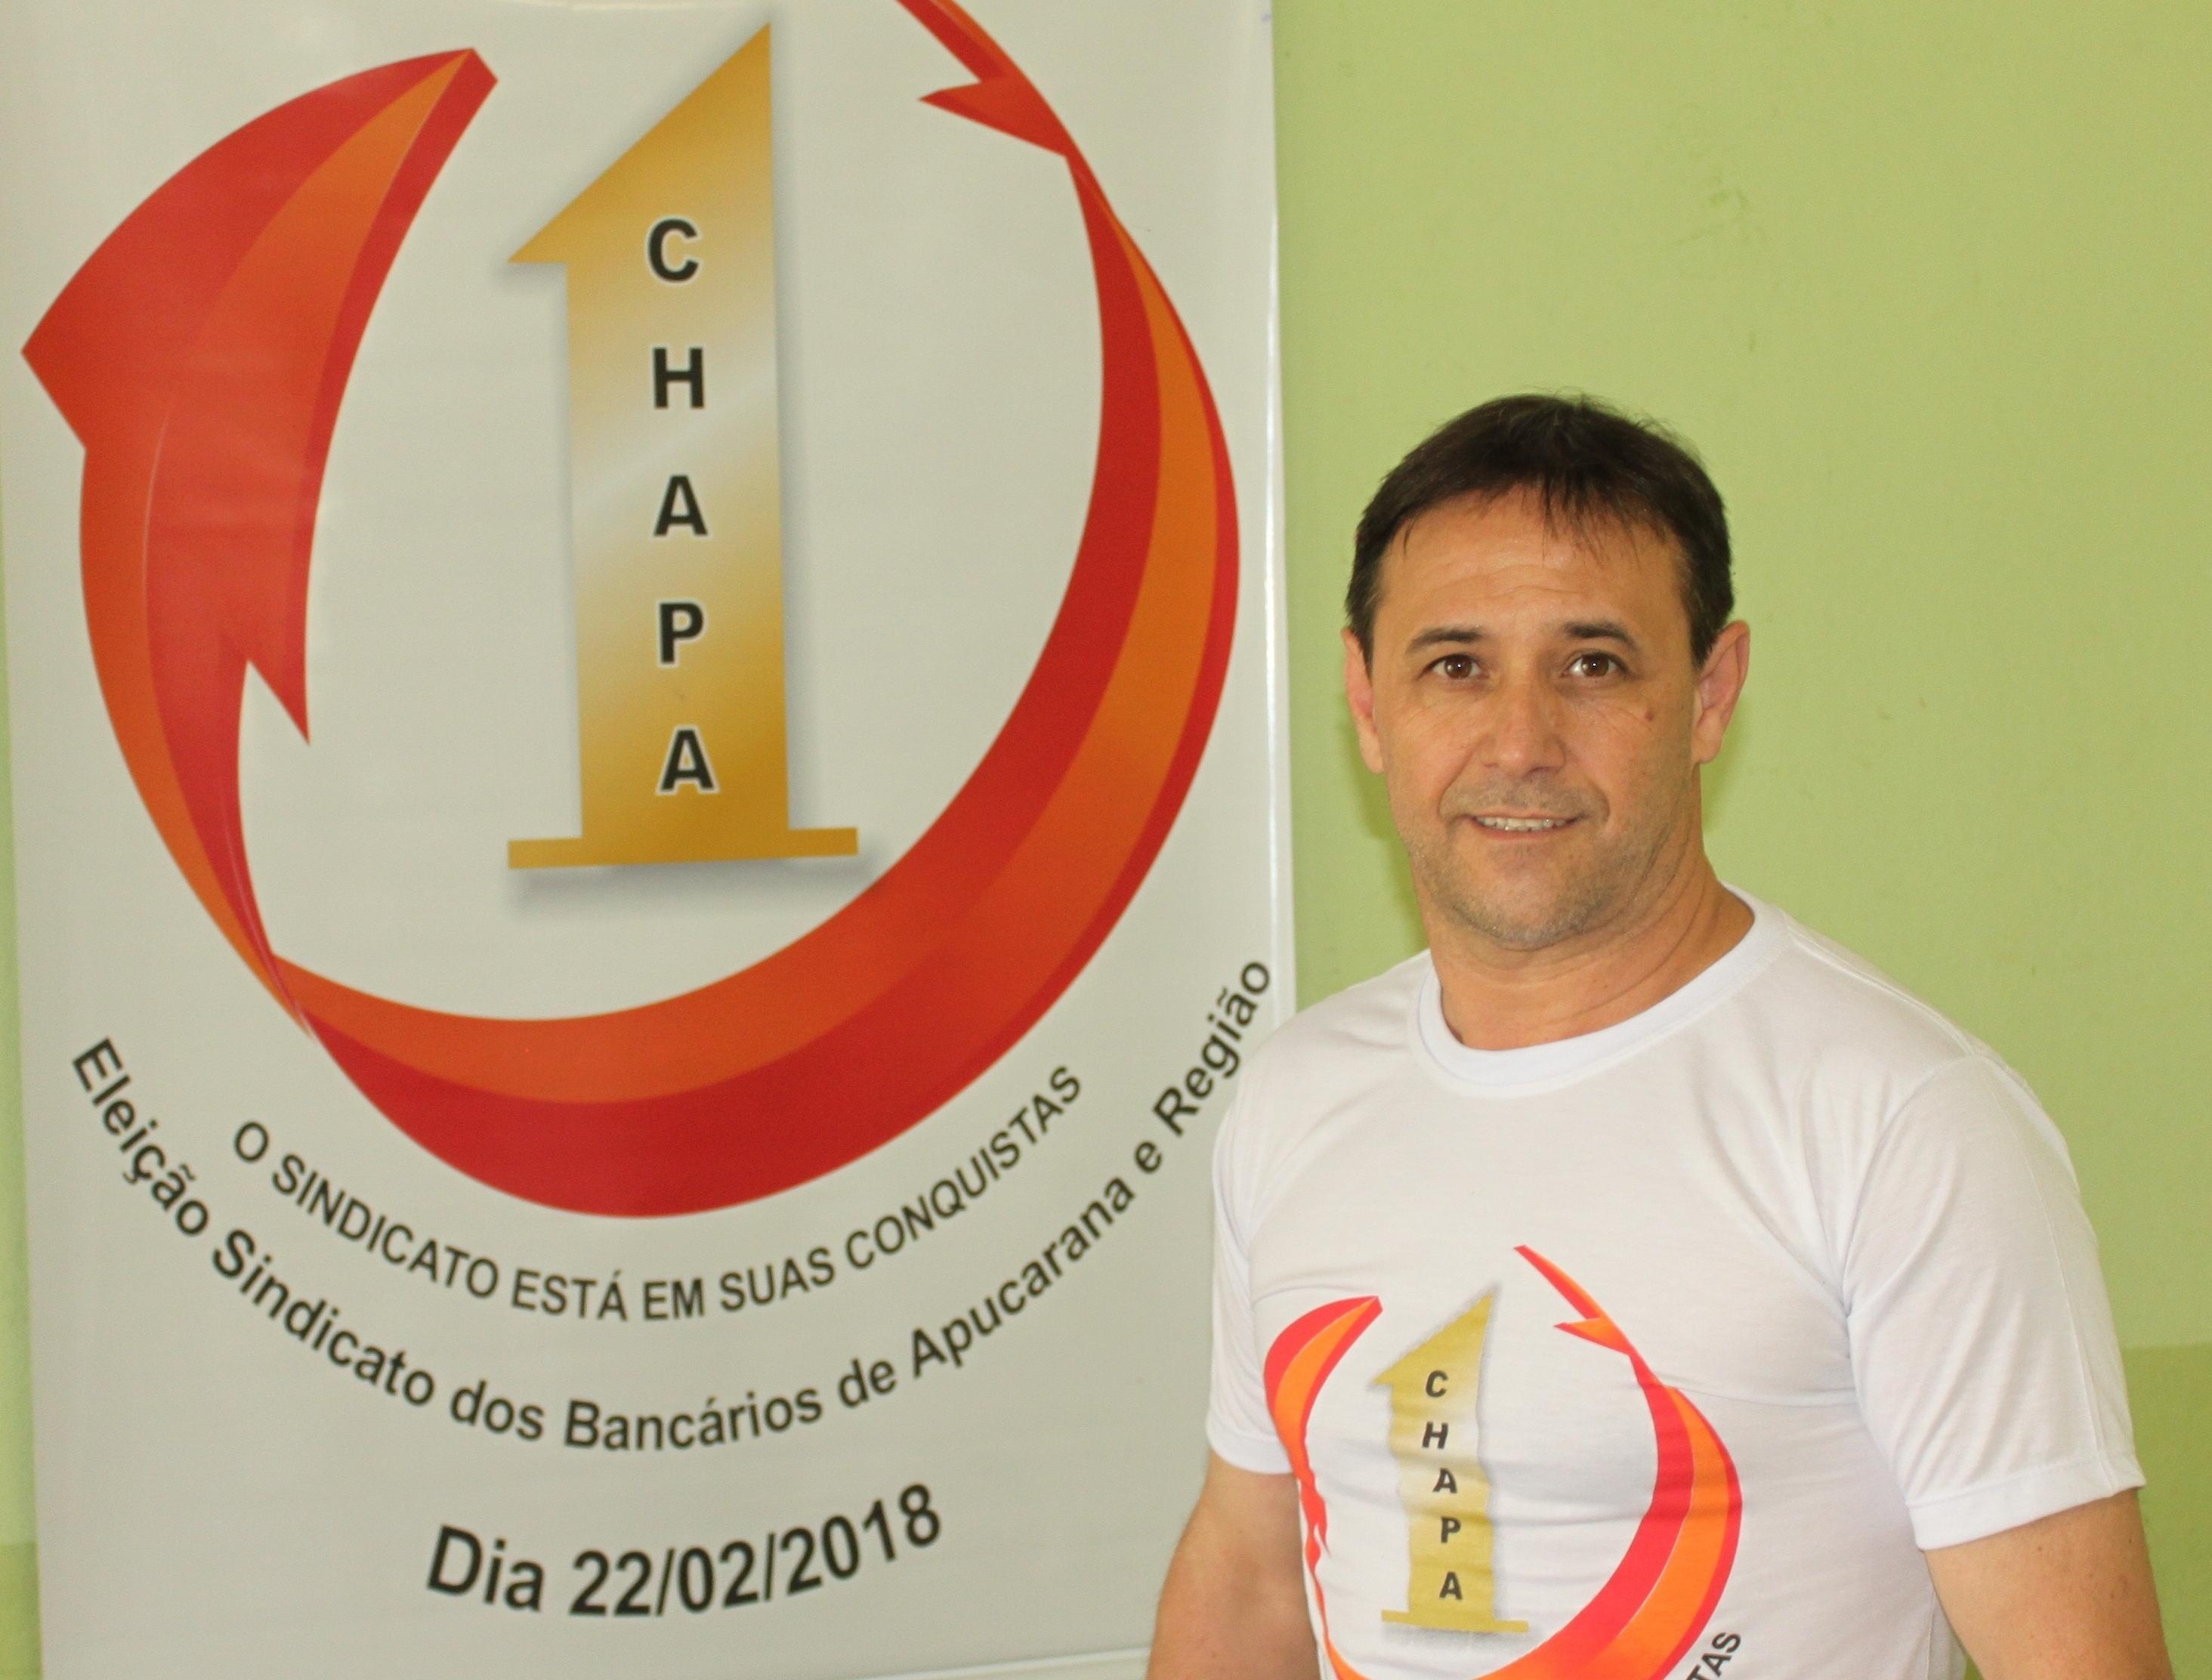 Valter Dias Alvares - Sec. de formação BB Jandaia do Sul